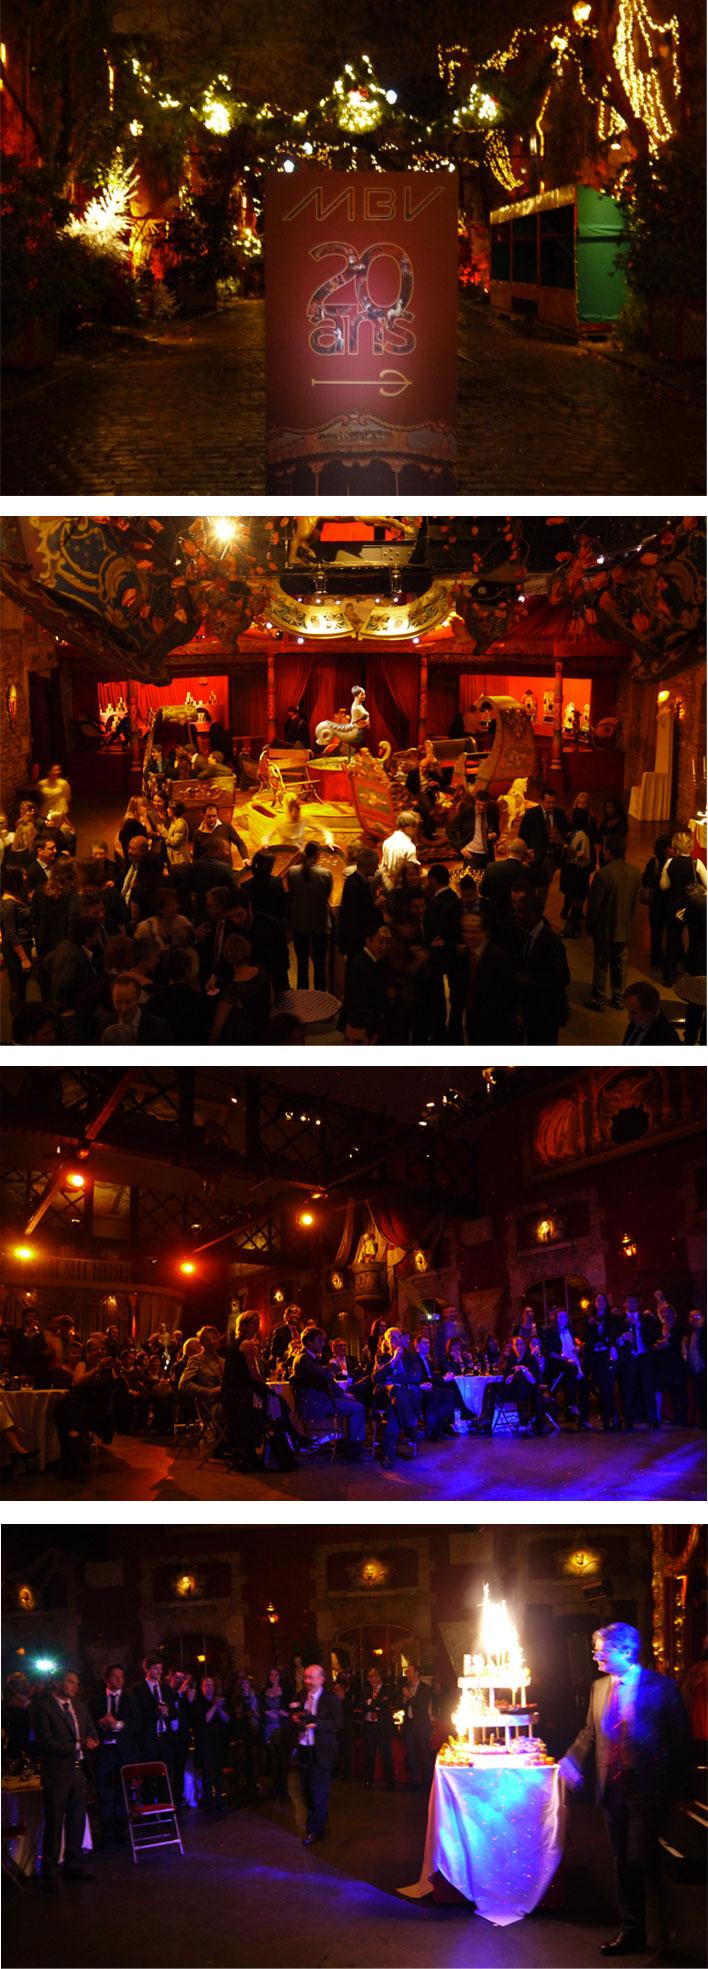 MBV : SOIREE DES 20 ANS Organisation d'une soirée de gala au Musée des Arts Forains